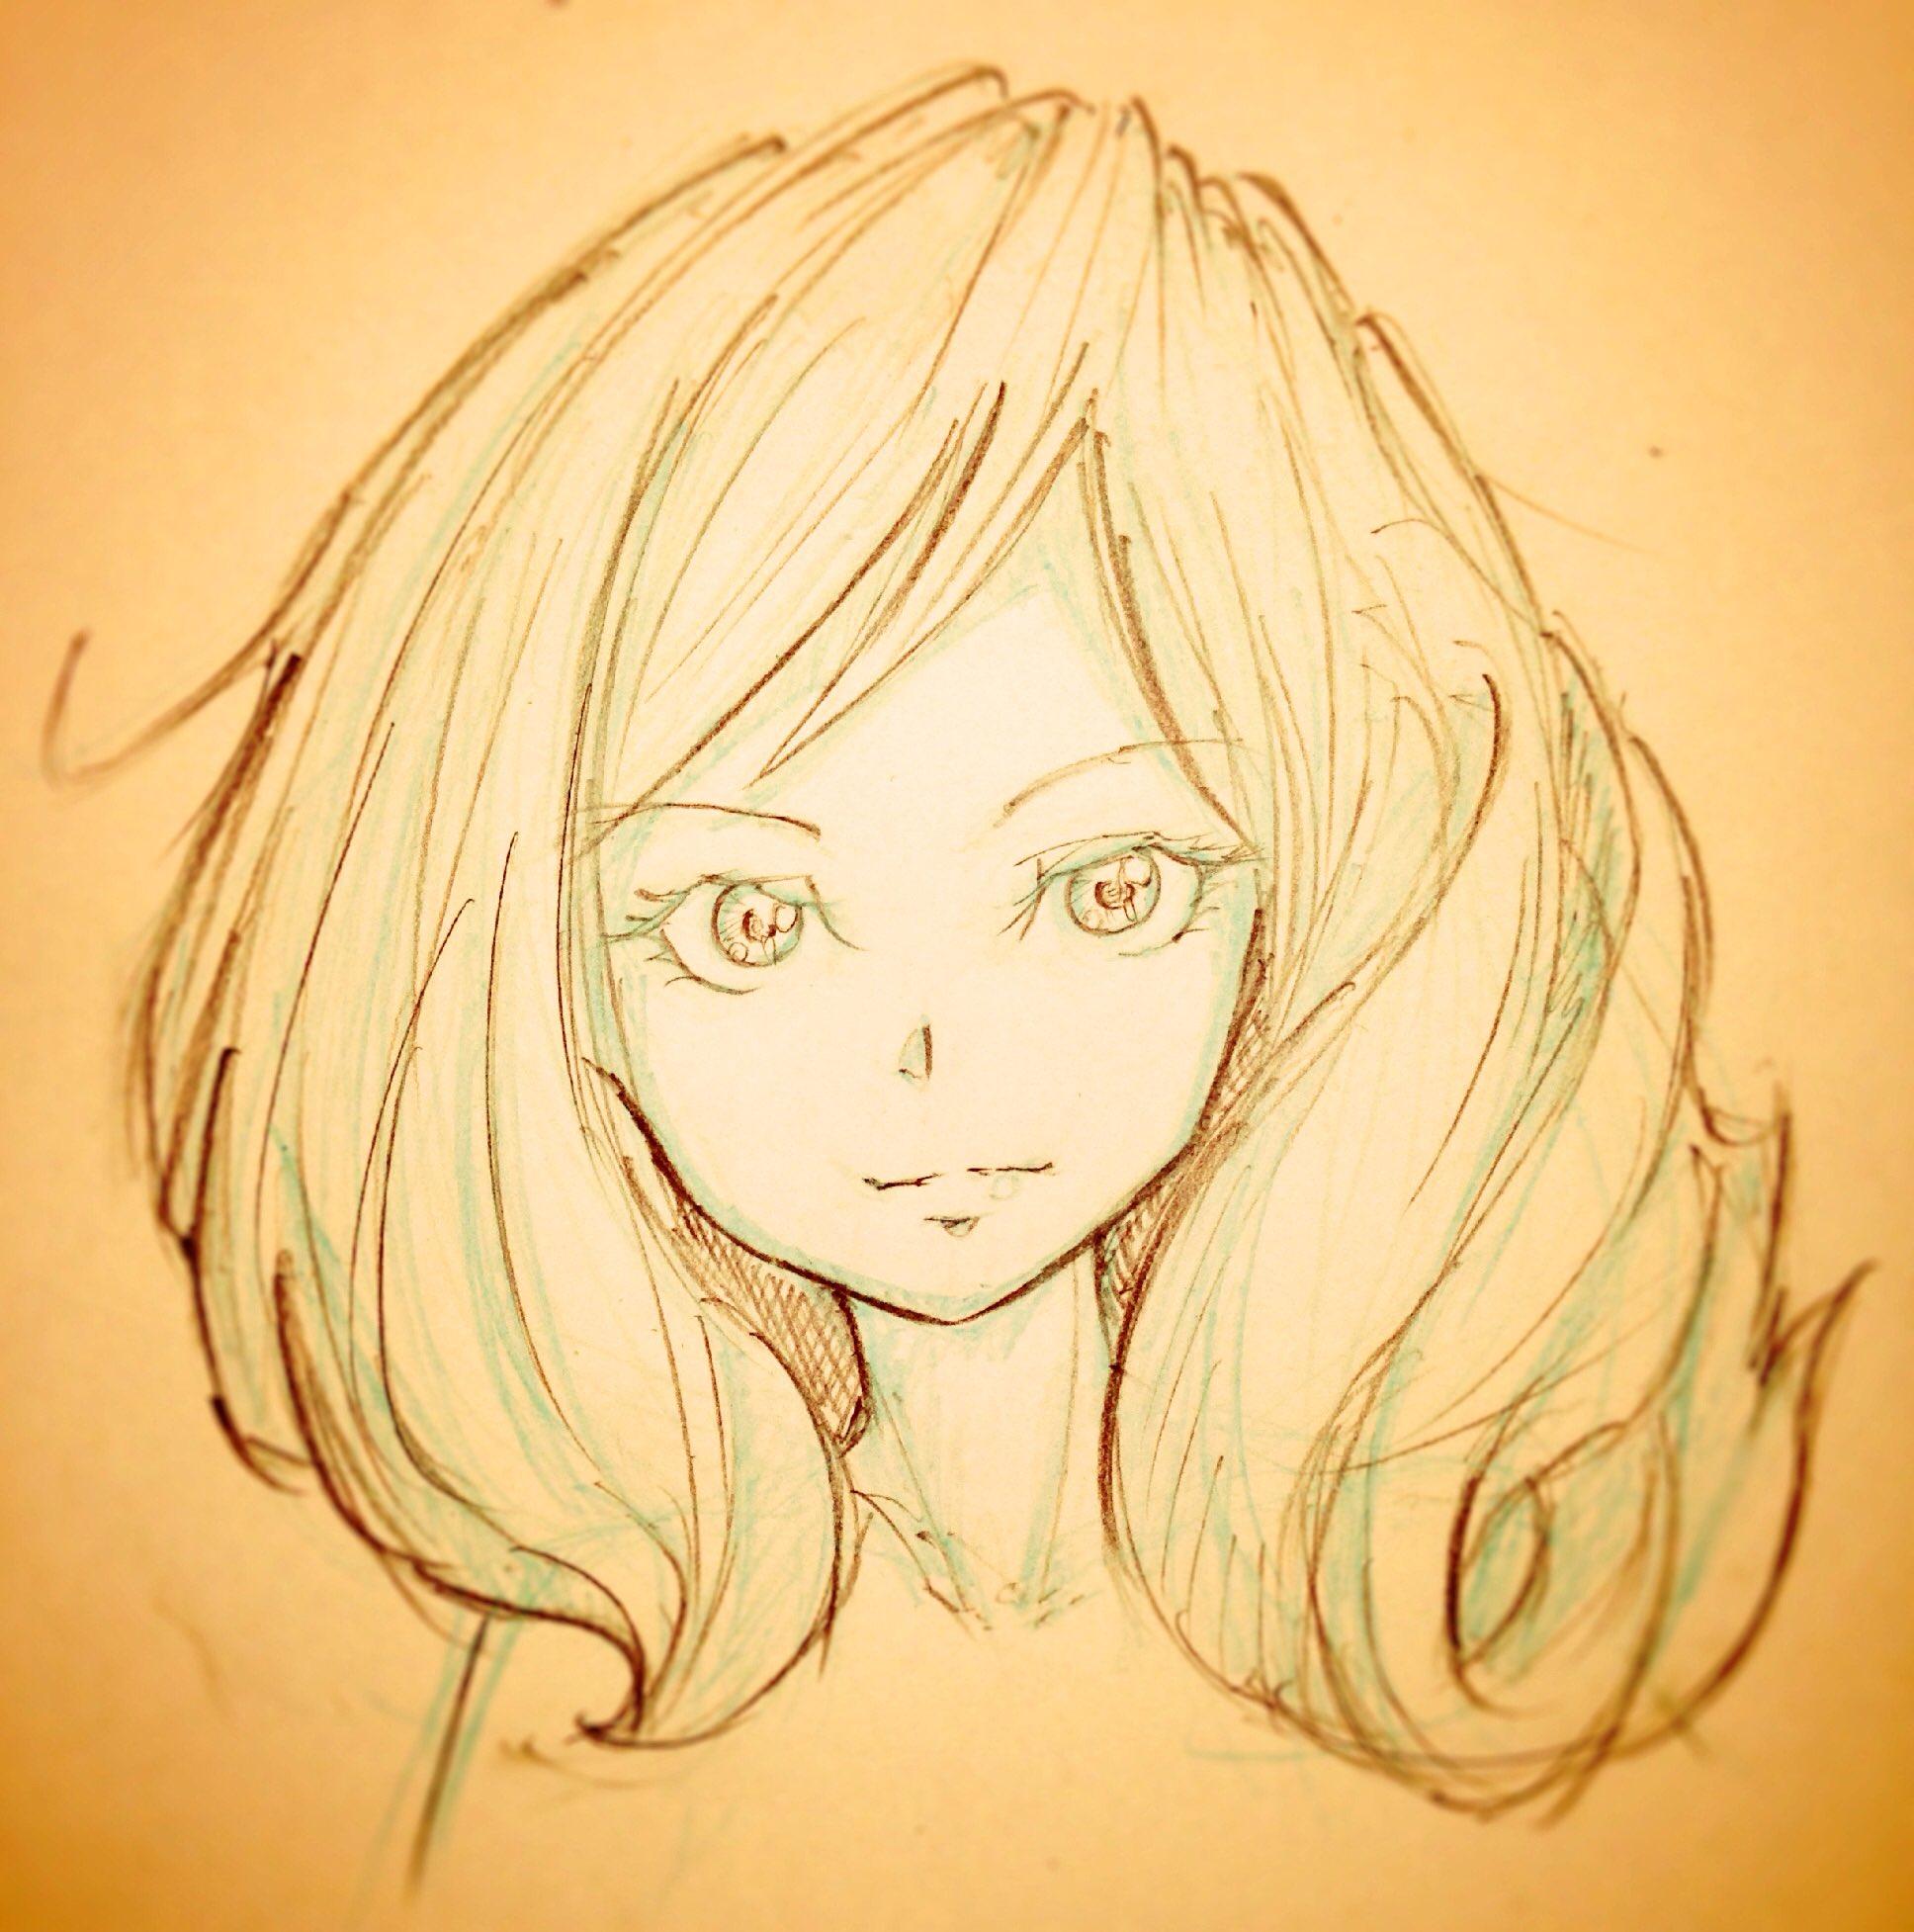 かわぶた (@katimoti)さんのイラスト